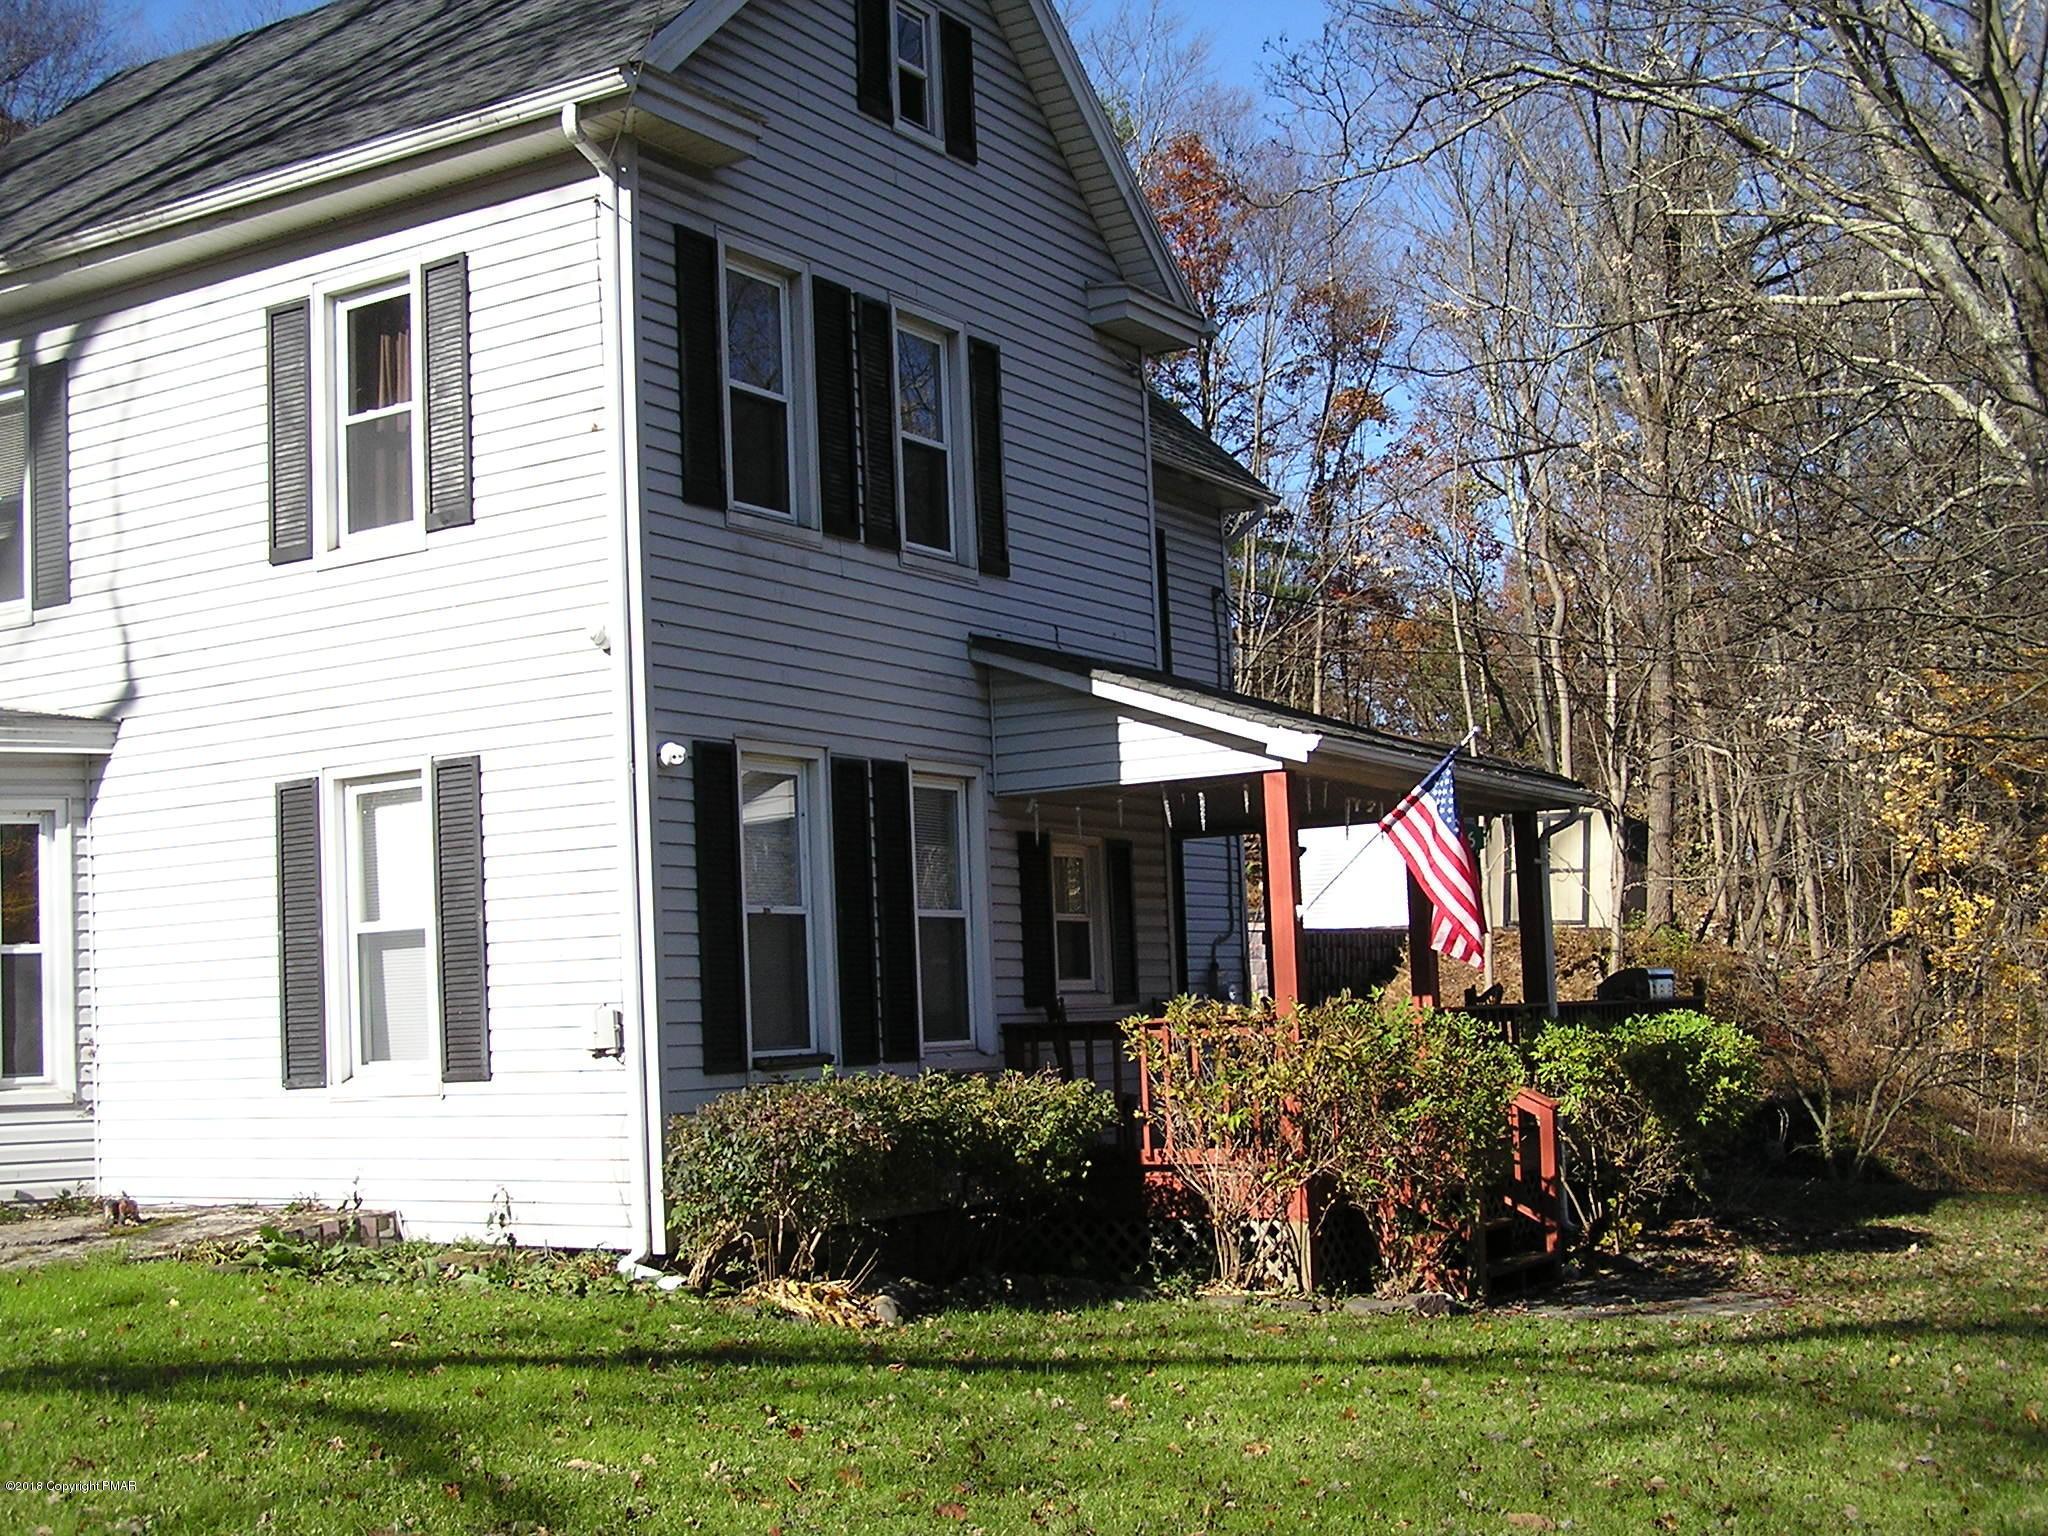 726 Foxtown Hill Rd, Stroudsburg, PA 18360